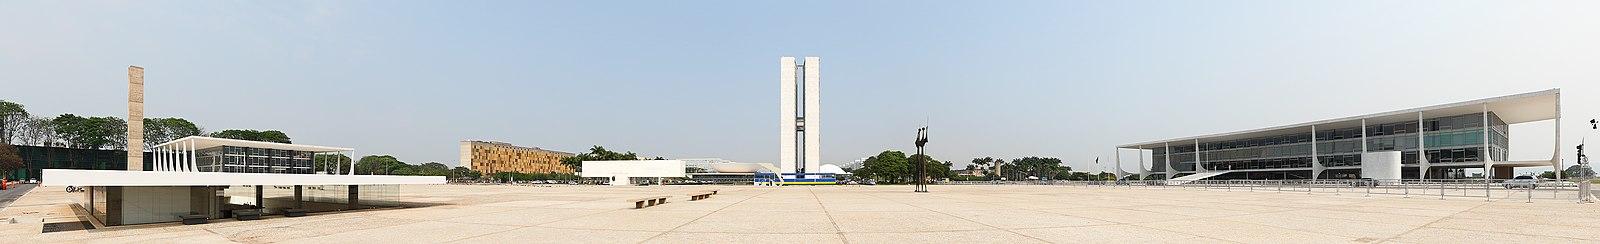 Vista panorâmica da Praça dos Três Poderes: à esquerda (sul) o poder judiciário (Supremo Tribunal Federal), no centro o poder legislativo (Congresso Nacional) e à direita a sede do poder executivo (Palácio do Planalto).